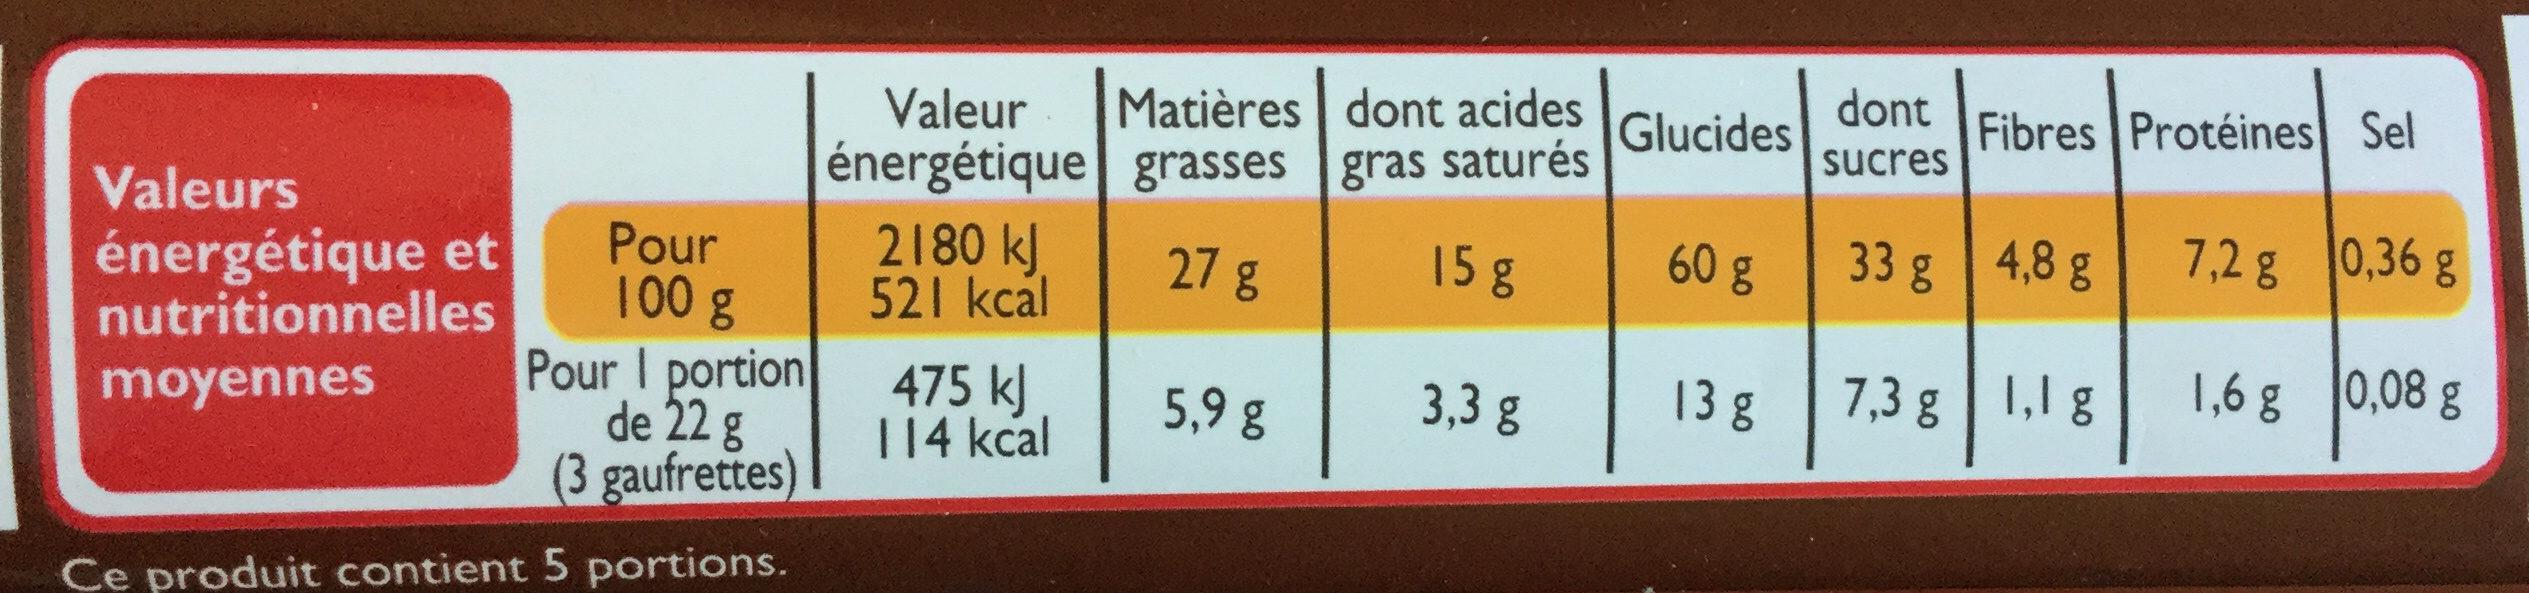 Gaufrettes chocolat - Informations nutritionnelles